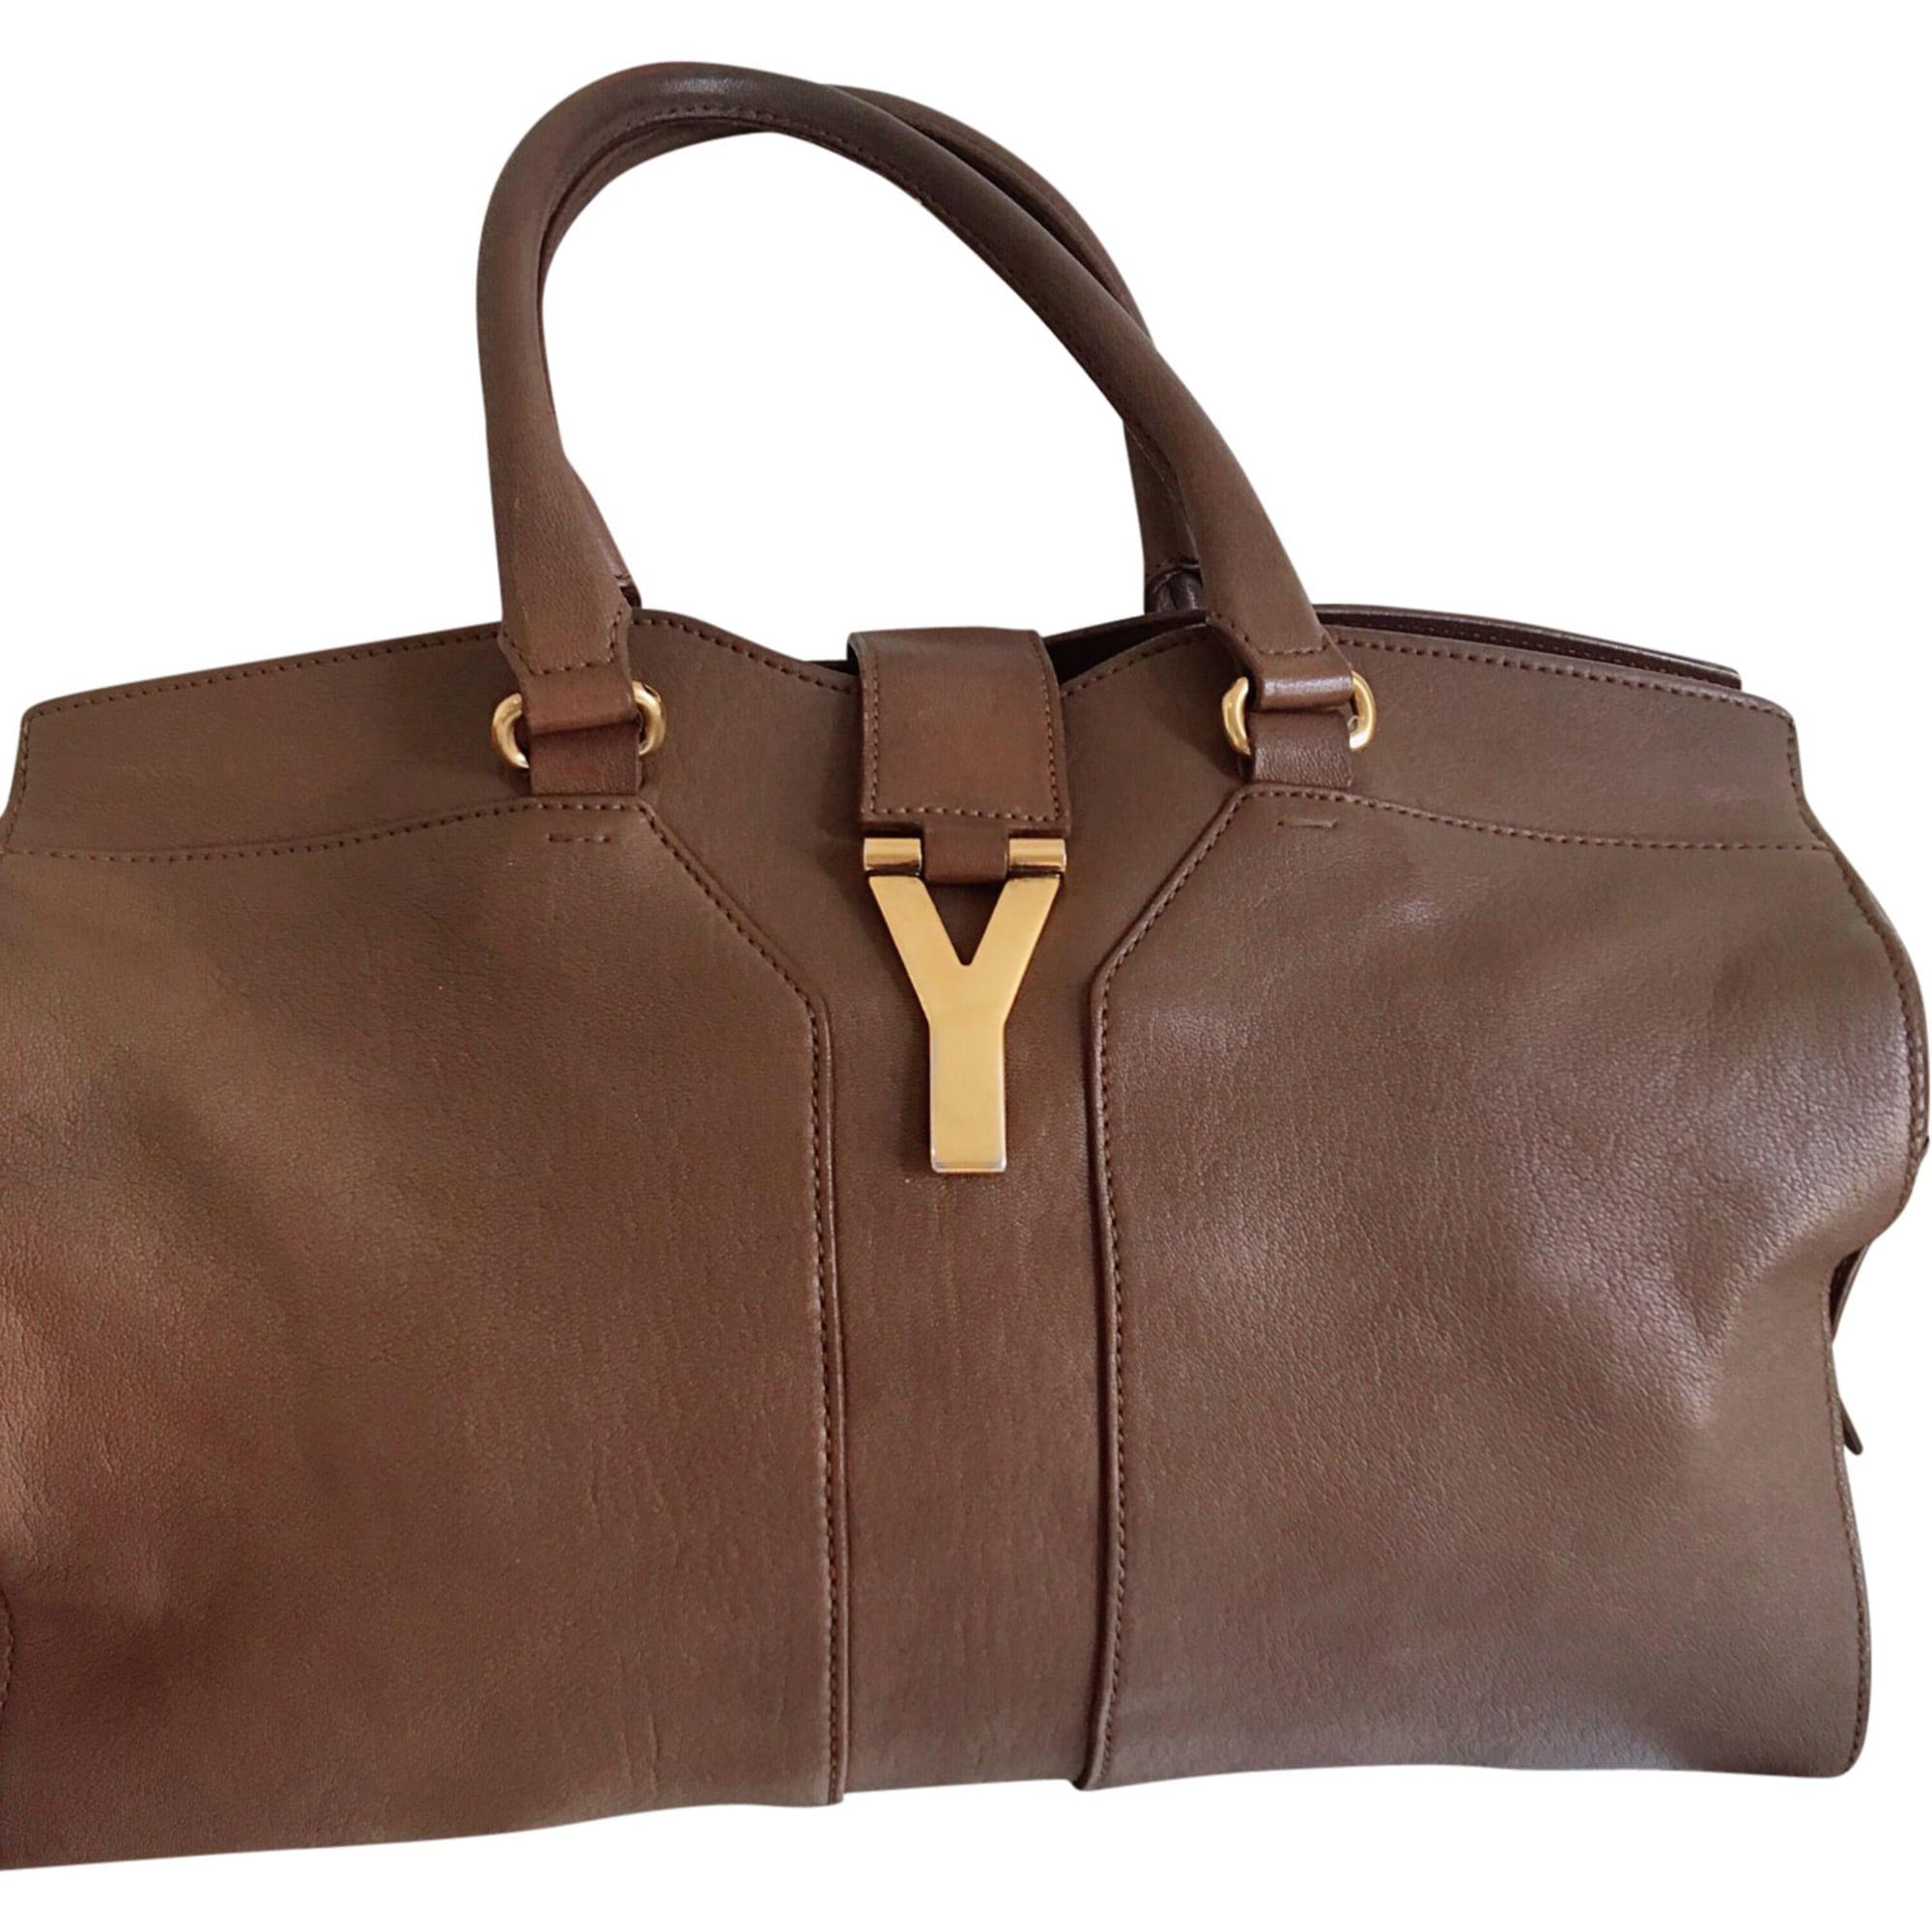 6abc7b531e Sac à main en cuir YVES SAINT LAURENT chyc tan vendu par Anita 461 ...